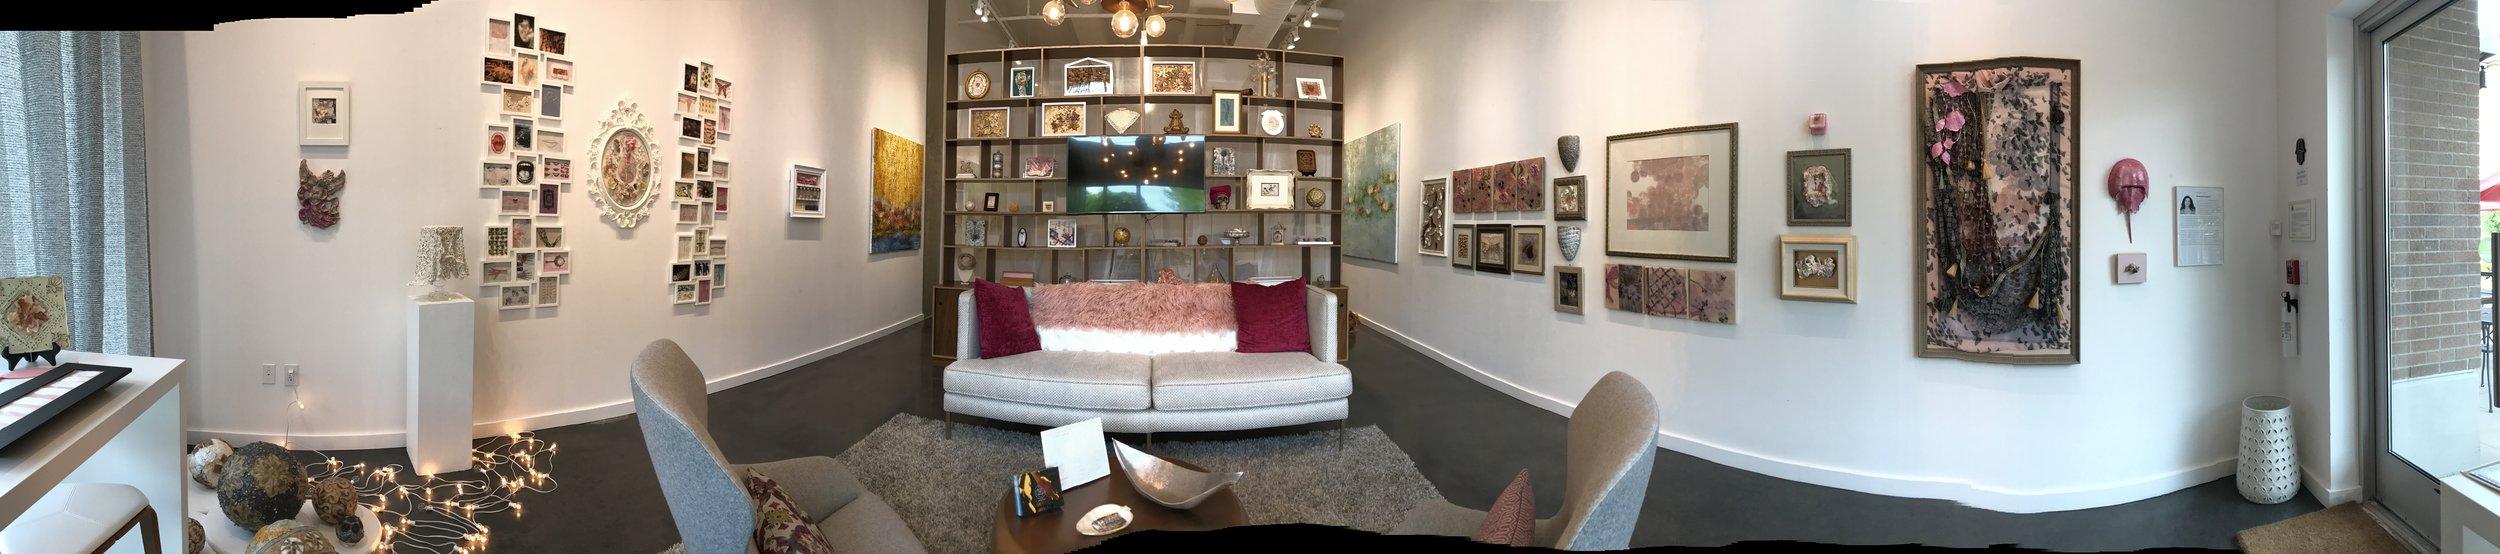 Installation view, Suzanne Zahr Gallery